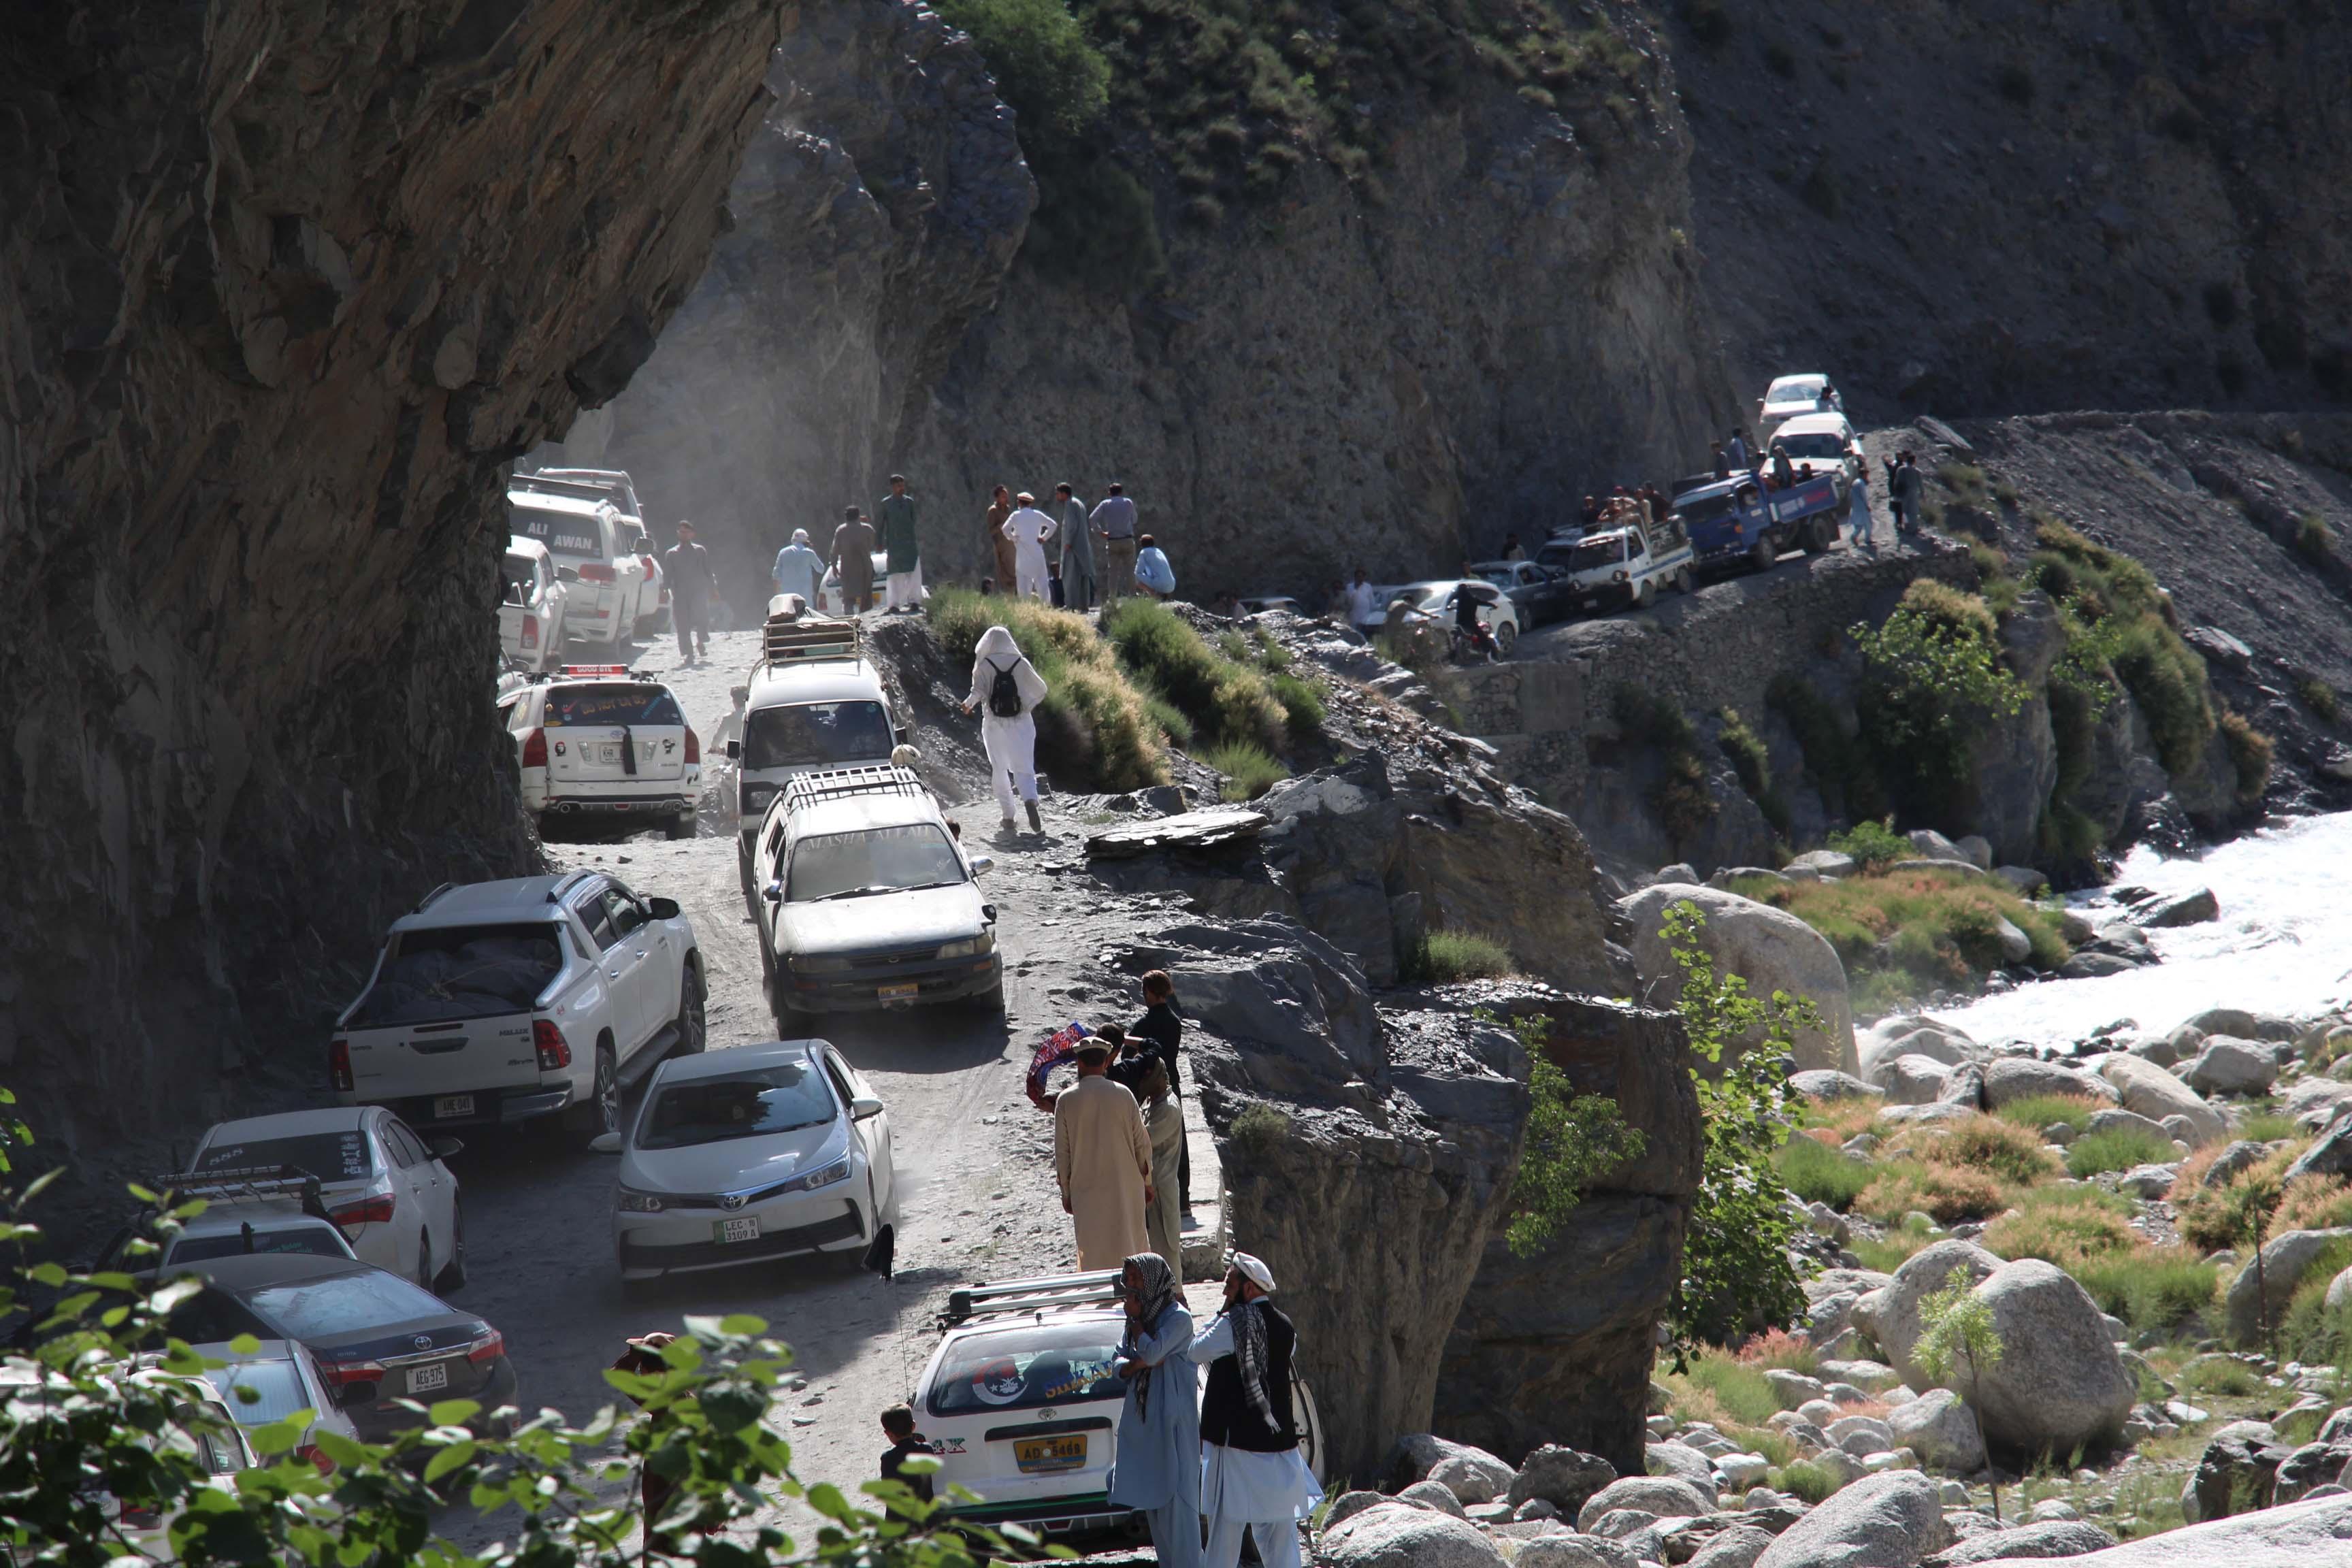 بعد از عید الفطر چار لاکھ سے زائد سیاحوں کی چترال آمد، سڑکوں کی خراب حالت کے باعث مسافروں کو اذیت کا سامنا